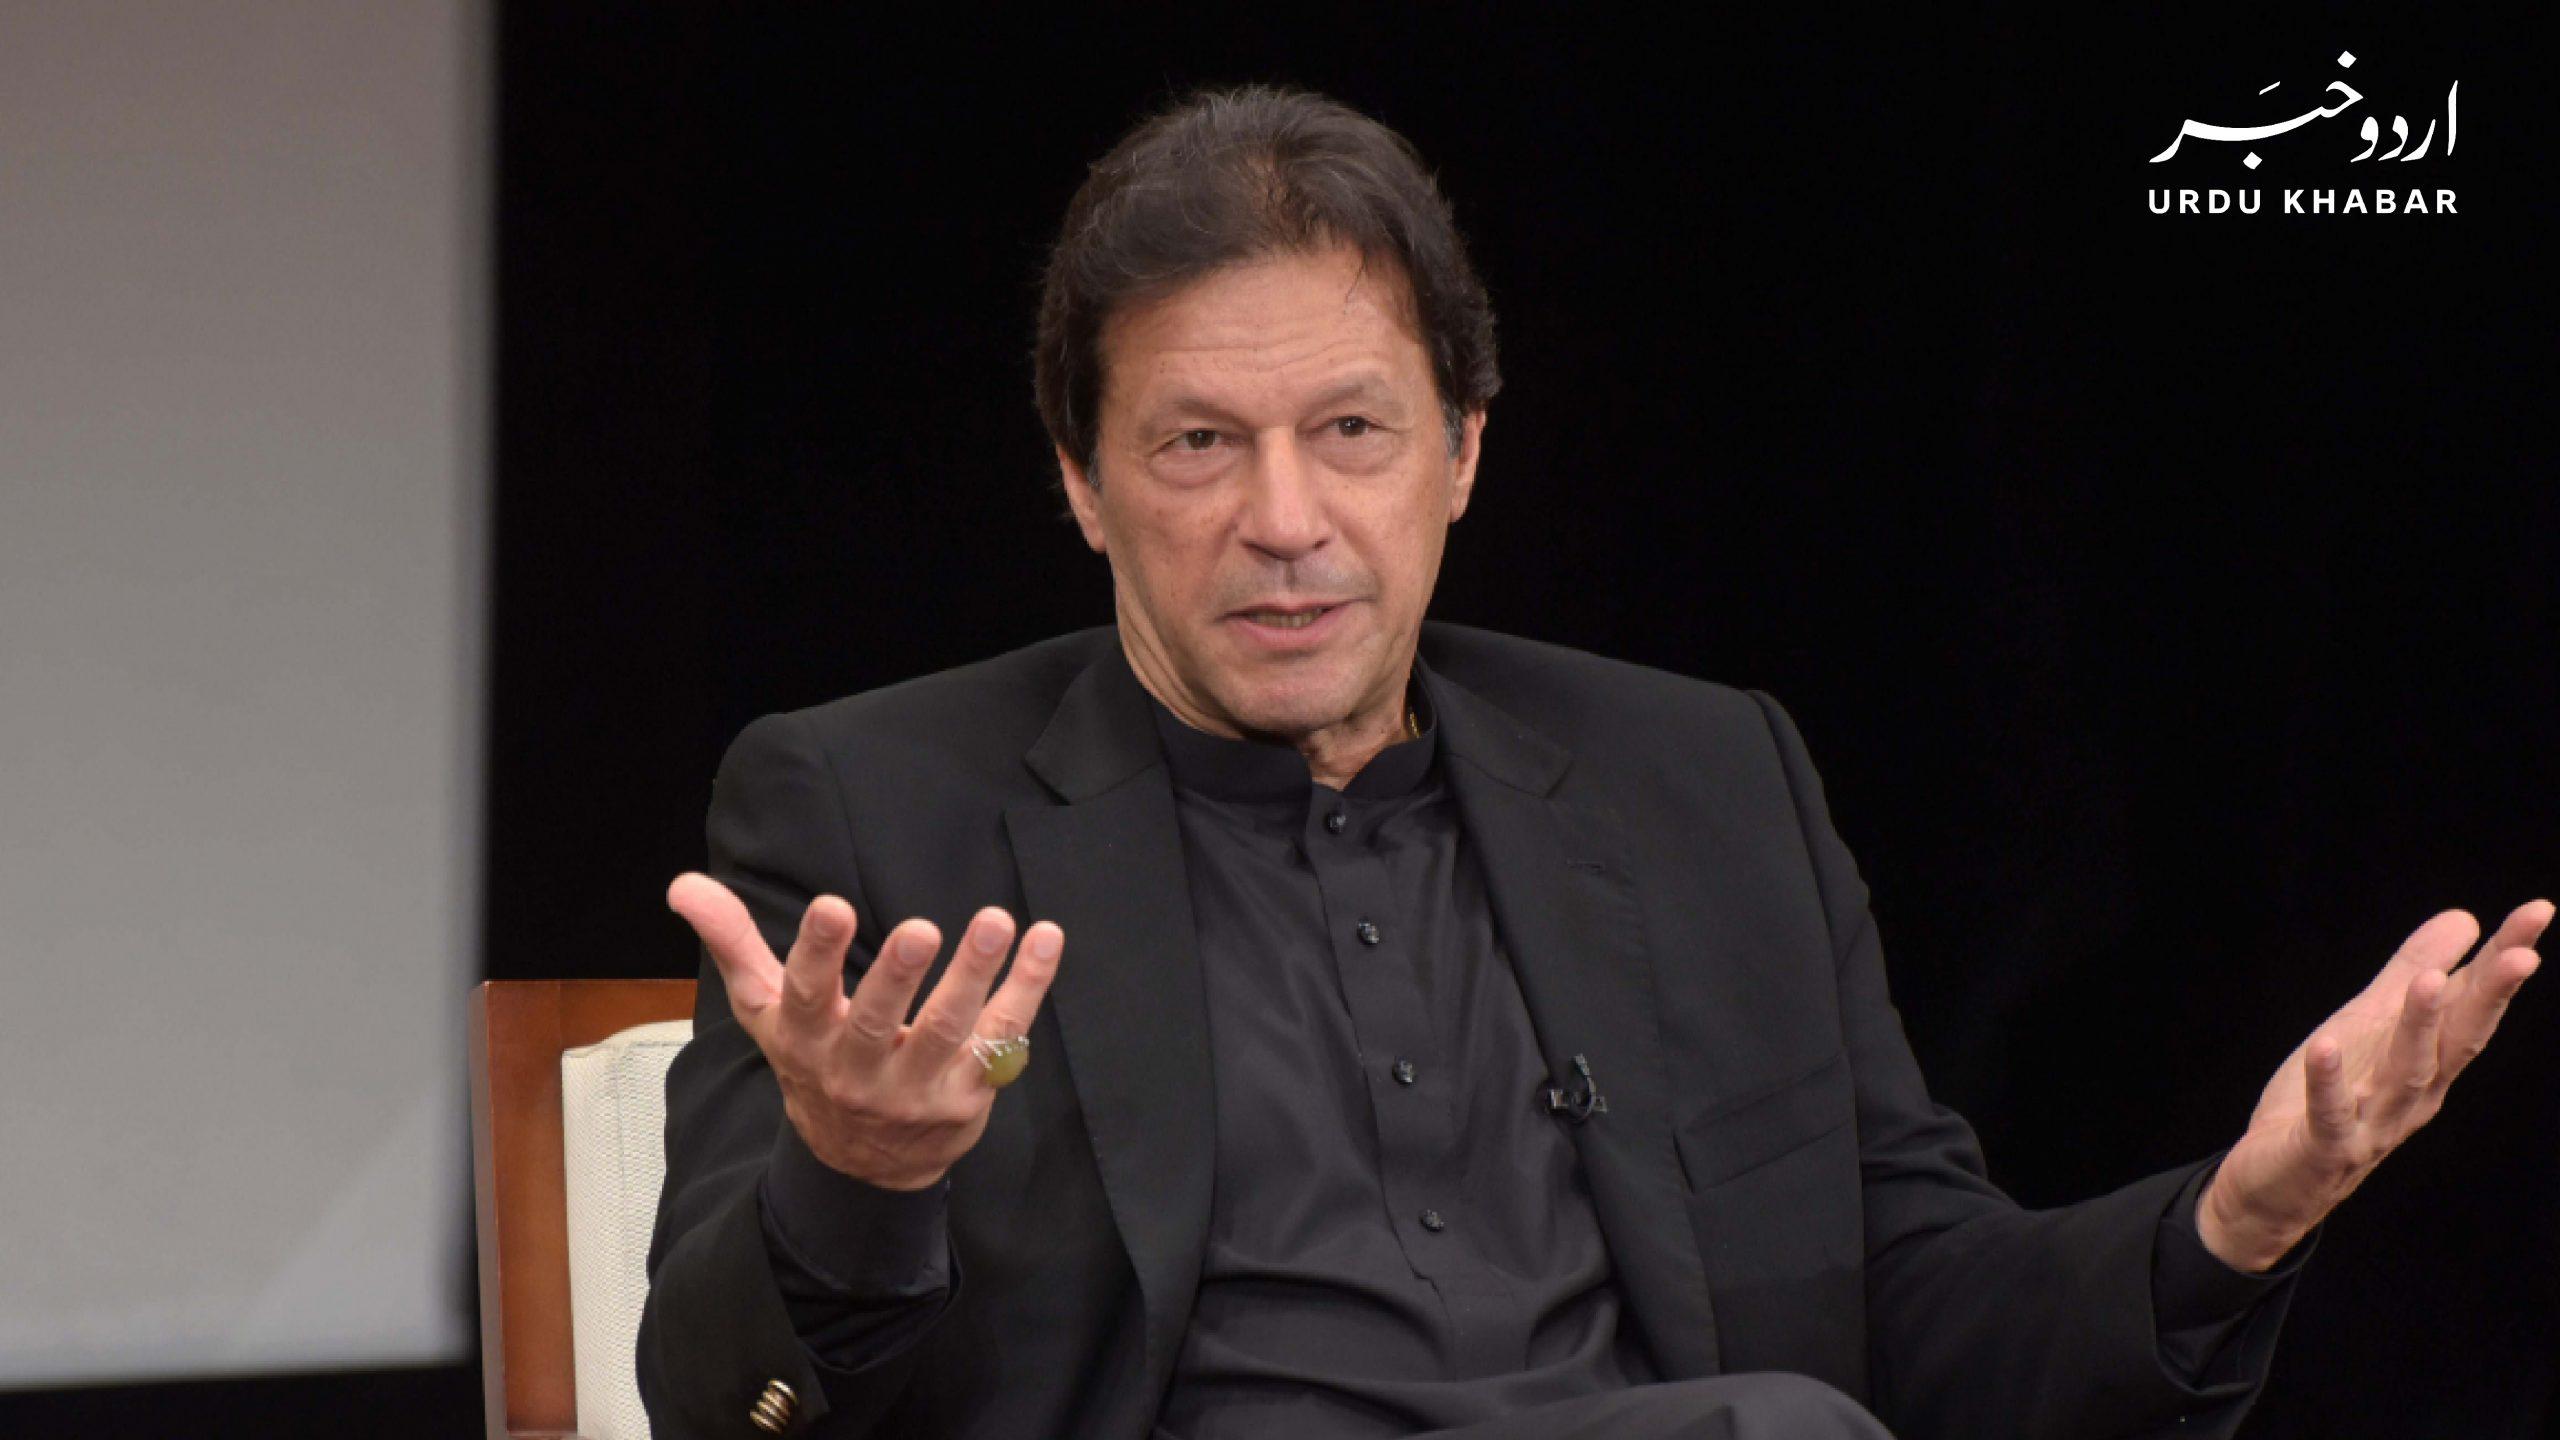 براڈشیٹ انکشافات سے حکمران طبقے کی بدعنوانی کا انکشاف ہوا، وزیر اعظم عمران خان